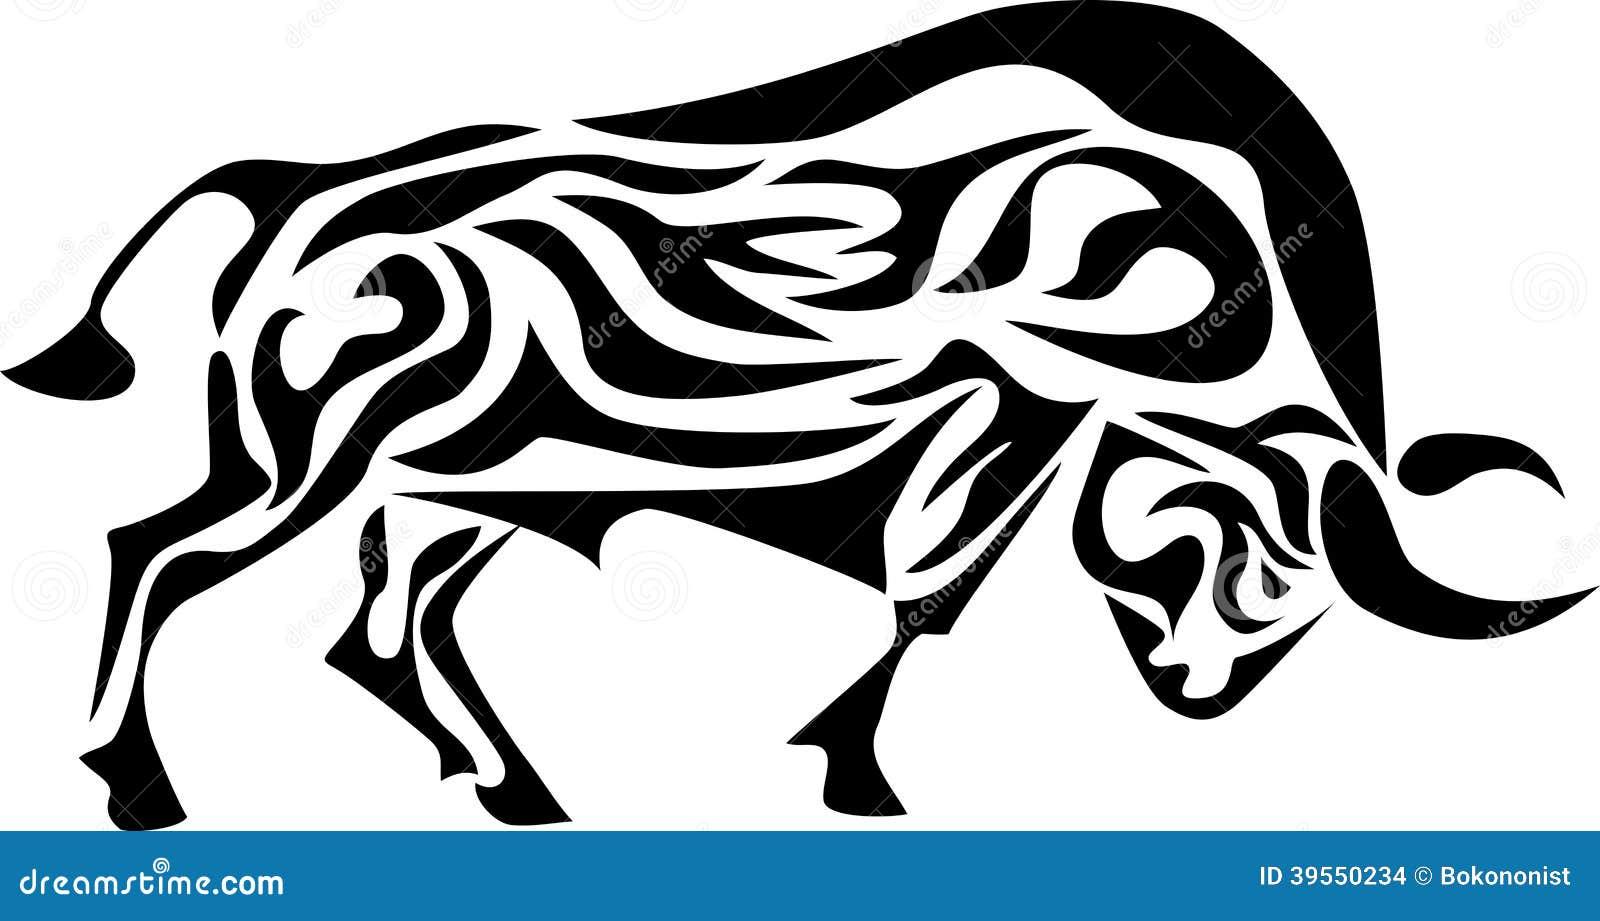 Toro tribale illustrazione vettoriale. Illustrazione di ...